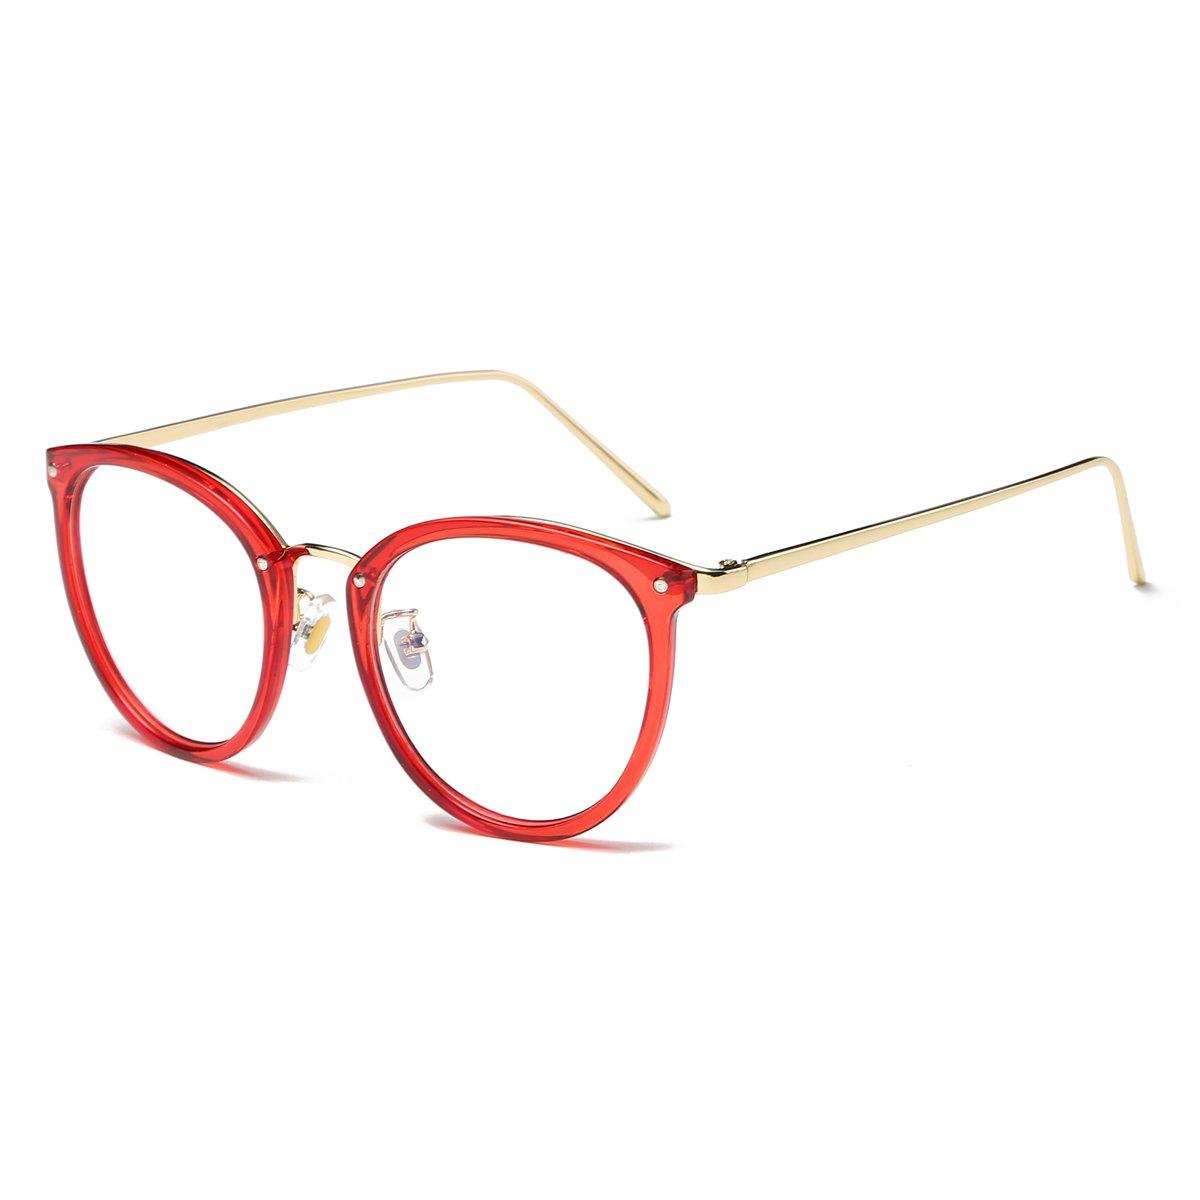 b3a87ec4678 Amomoma Fashion Round Eyewear Frame Eyeglasses Optical Frame Clear Lens  Glasses AM5001 50) larger image